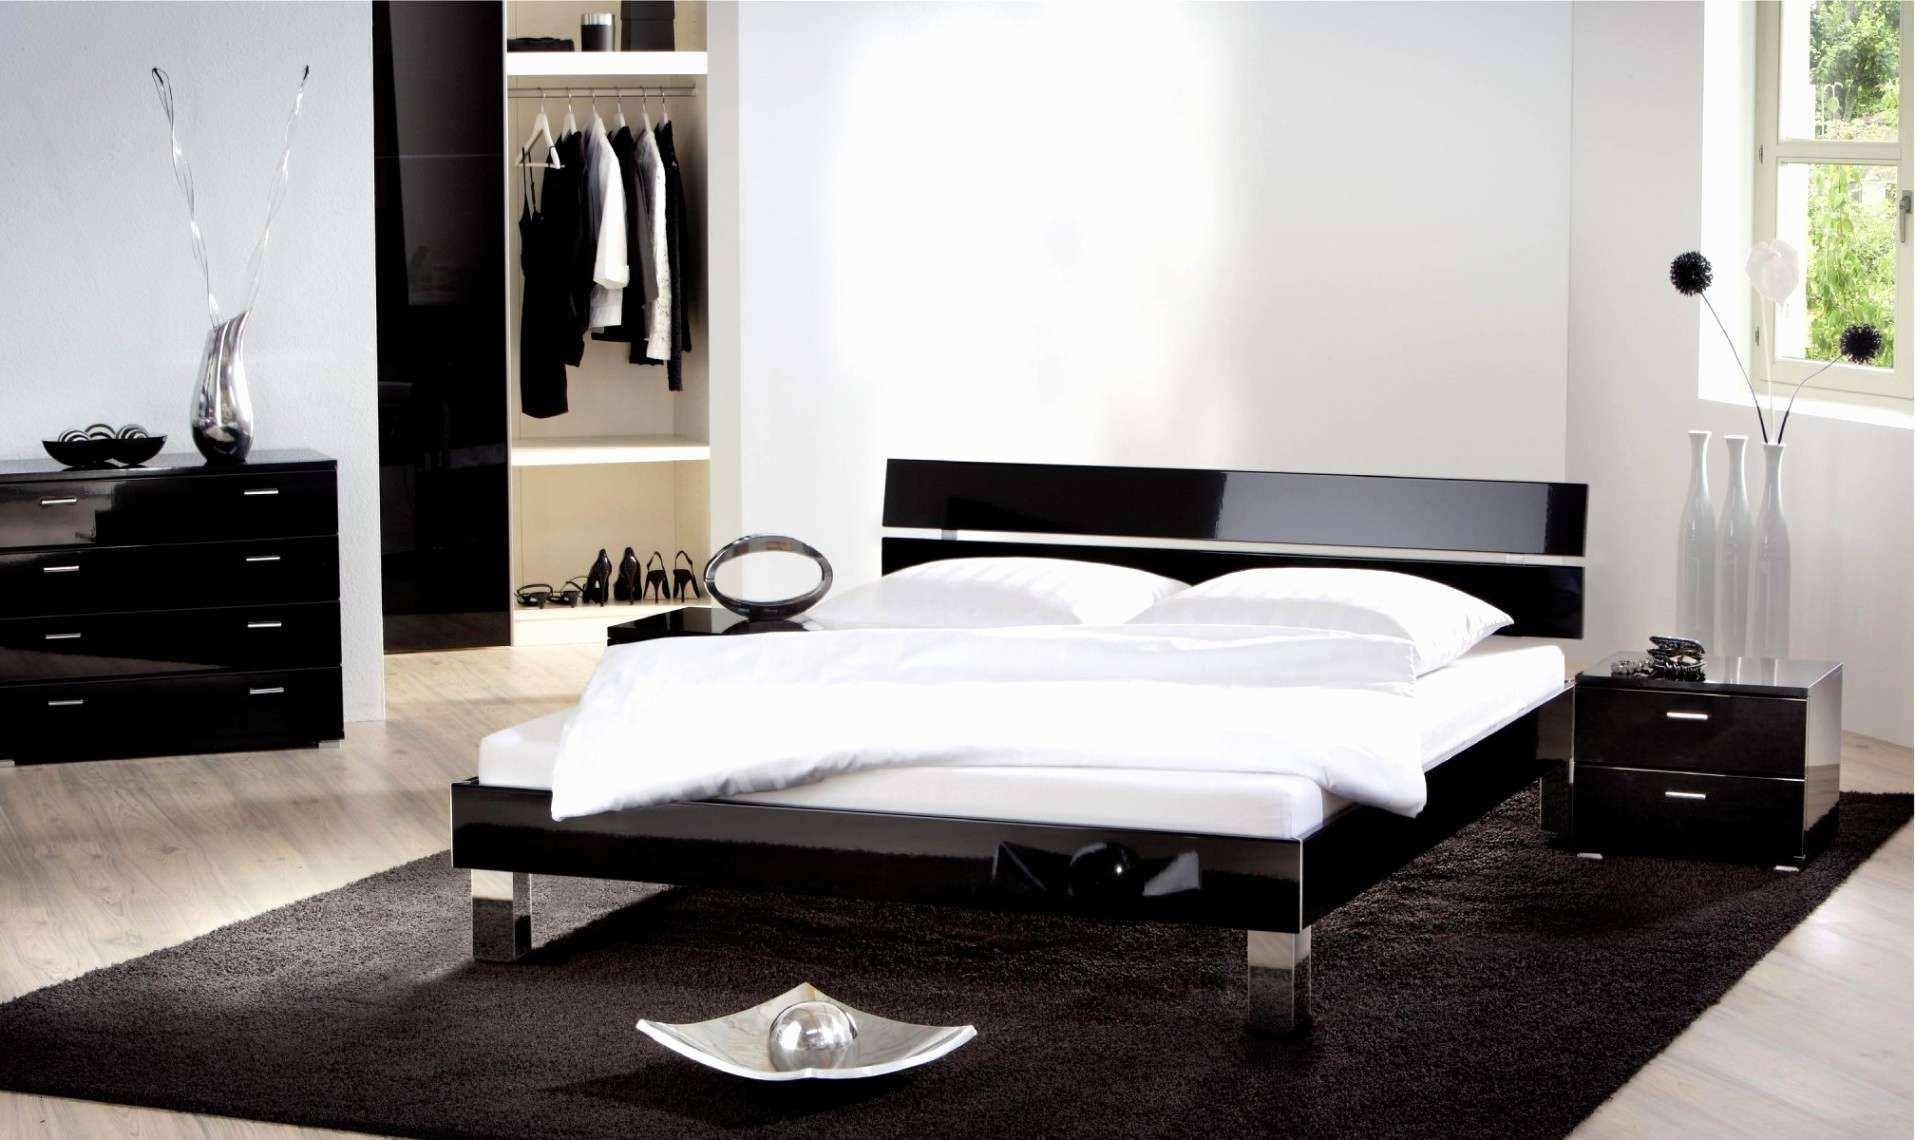 luxus deko ideen diy attraktiv regal schlafzimmer 0d archives neu konzept von regal holz weis of regal holz weis